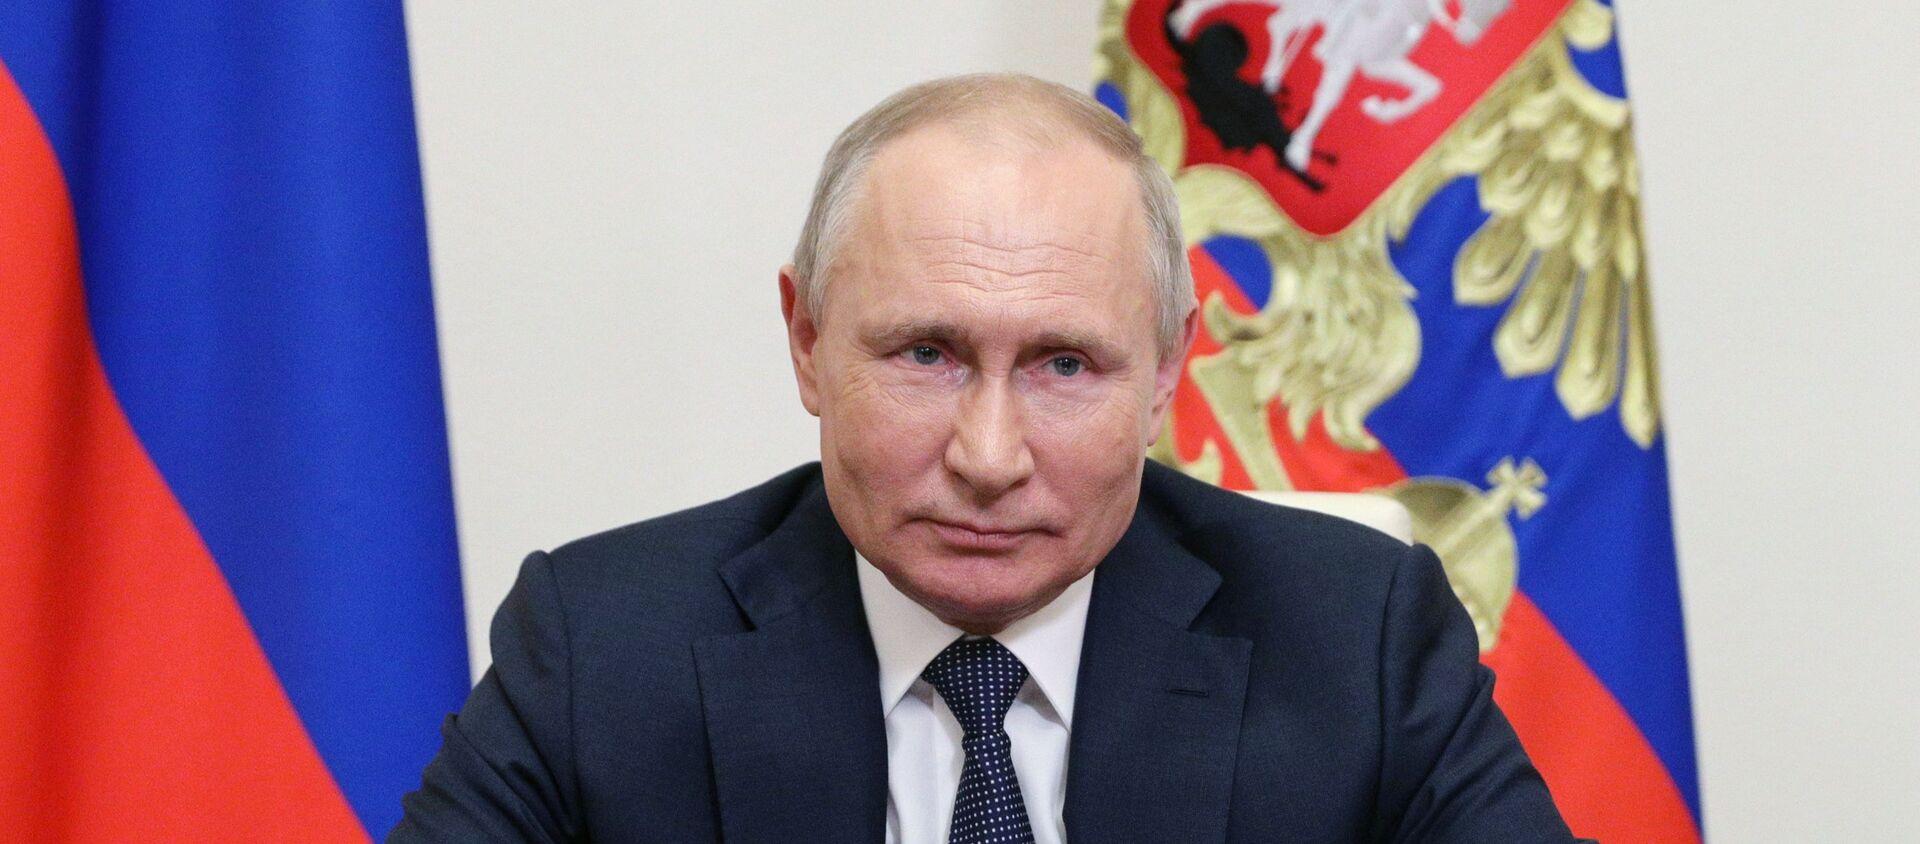 Президент РФ В. Путин выступил с обращением к участникам онлайн - форума Новое знание - Sputnik Абхазия, 1920, 14.06.2021